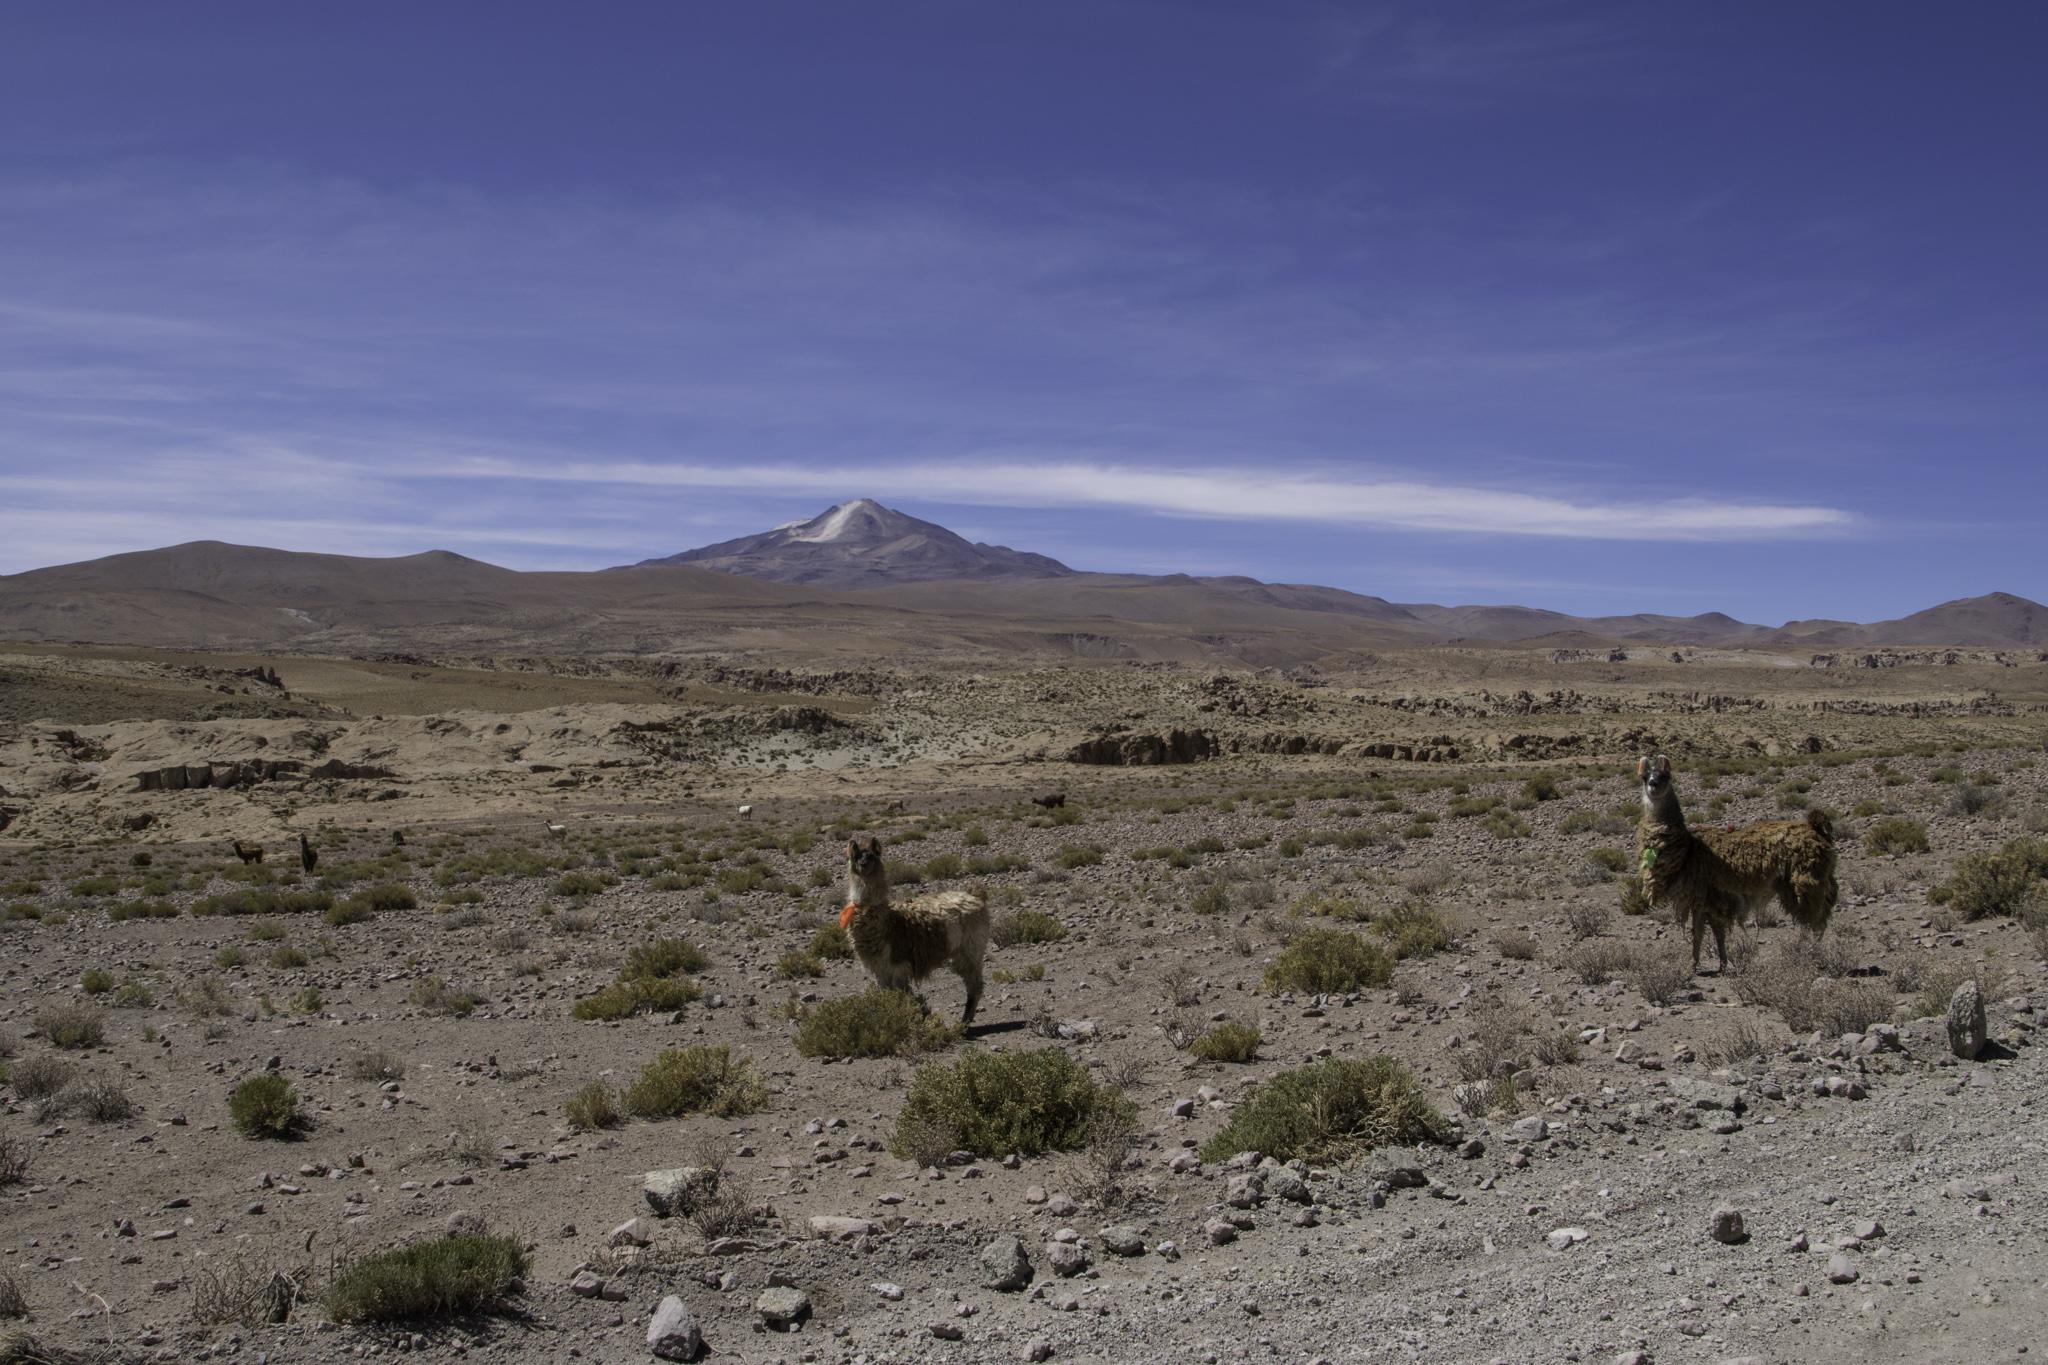 Nochmals ein letzter Blick zum Uturuncu bei der Weiterfahrt